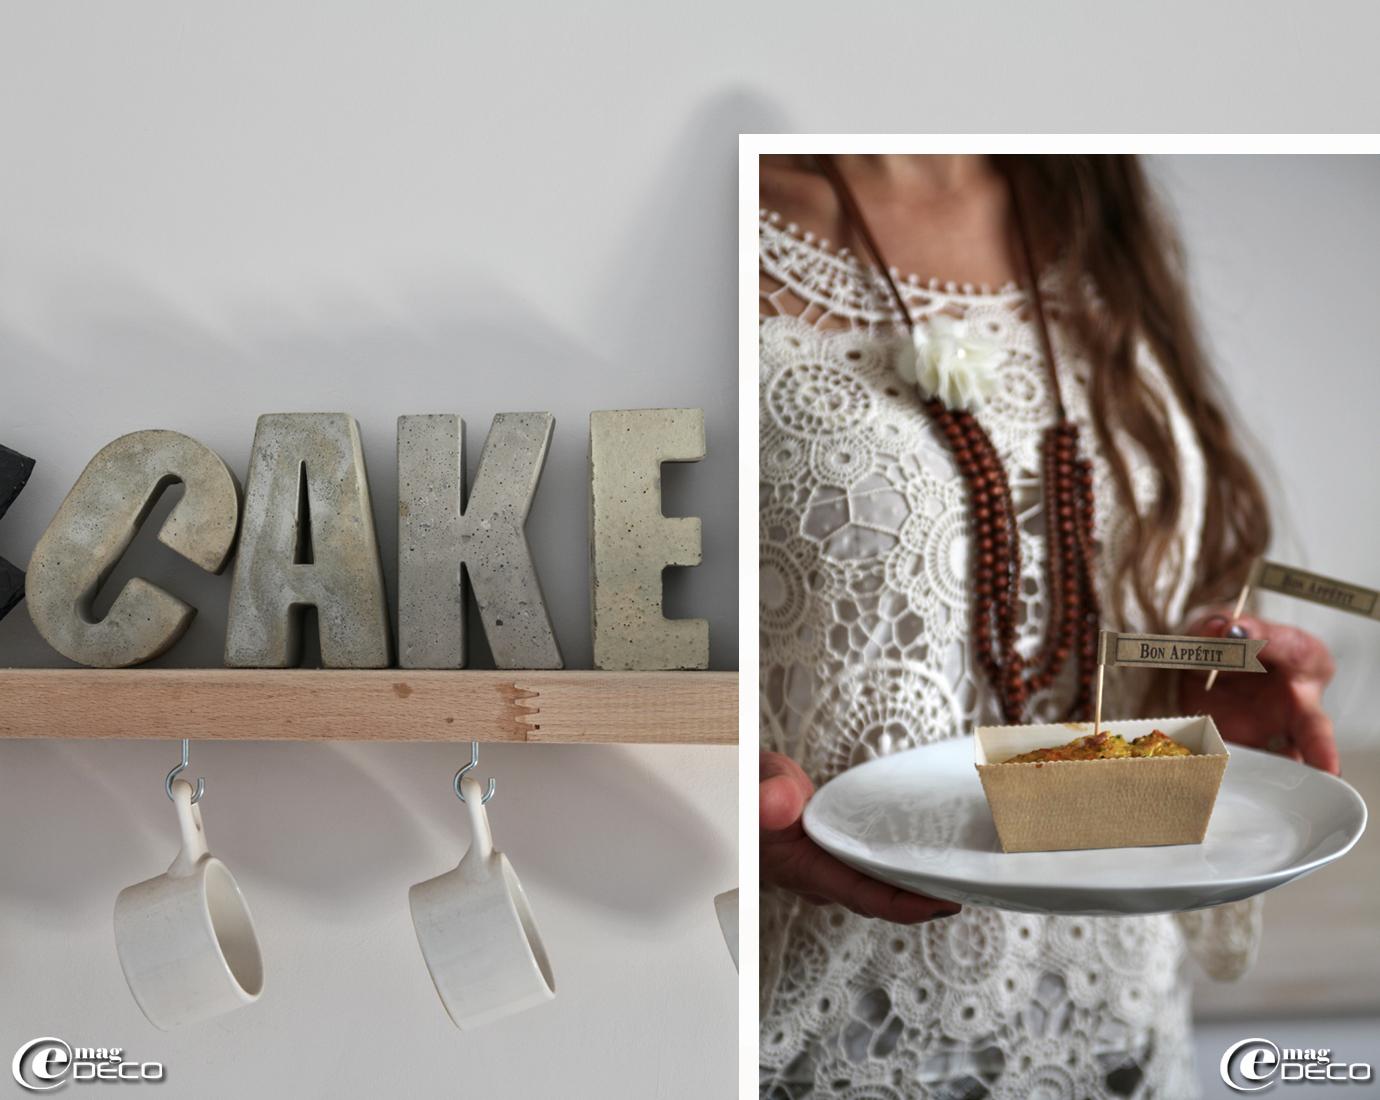 Mot 'Cake' en lettres de béton, création 'Nina imagine pour vous...' et cake aux orties et tomates séchées dont la recette s'est inspirée du livre 'Ortie et Pissenlit' de Anne Brunner